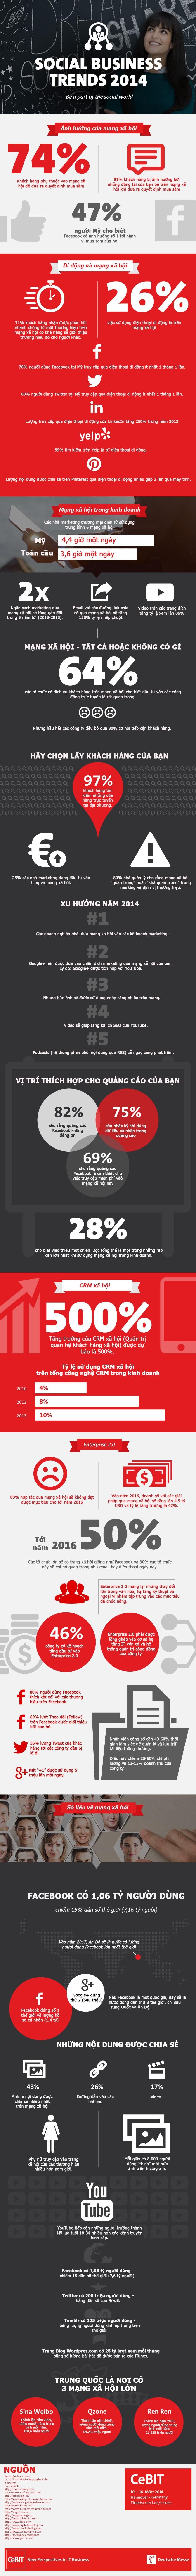 Infographic - Xu Hướng Kinh Doanh Trên Mạng Xã HỘi